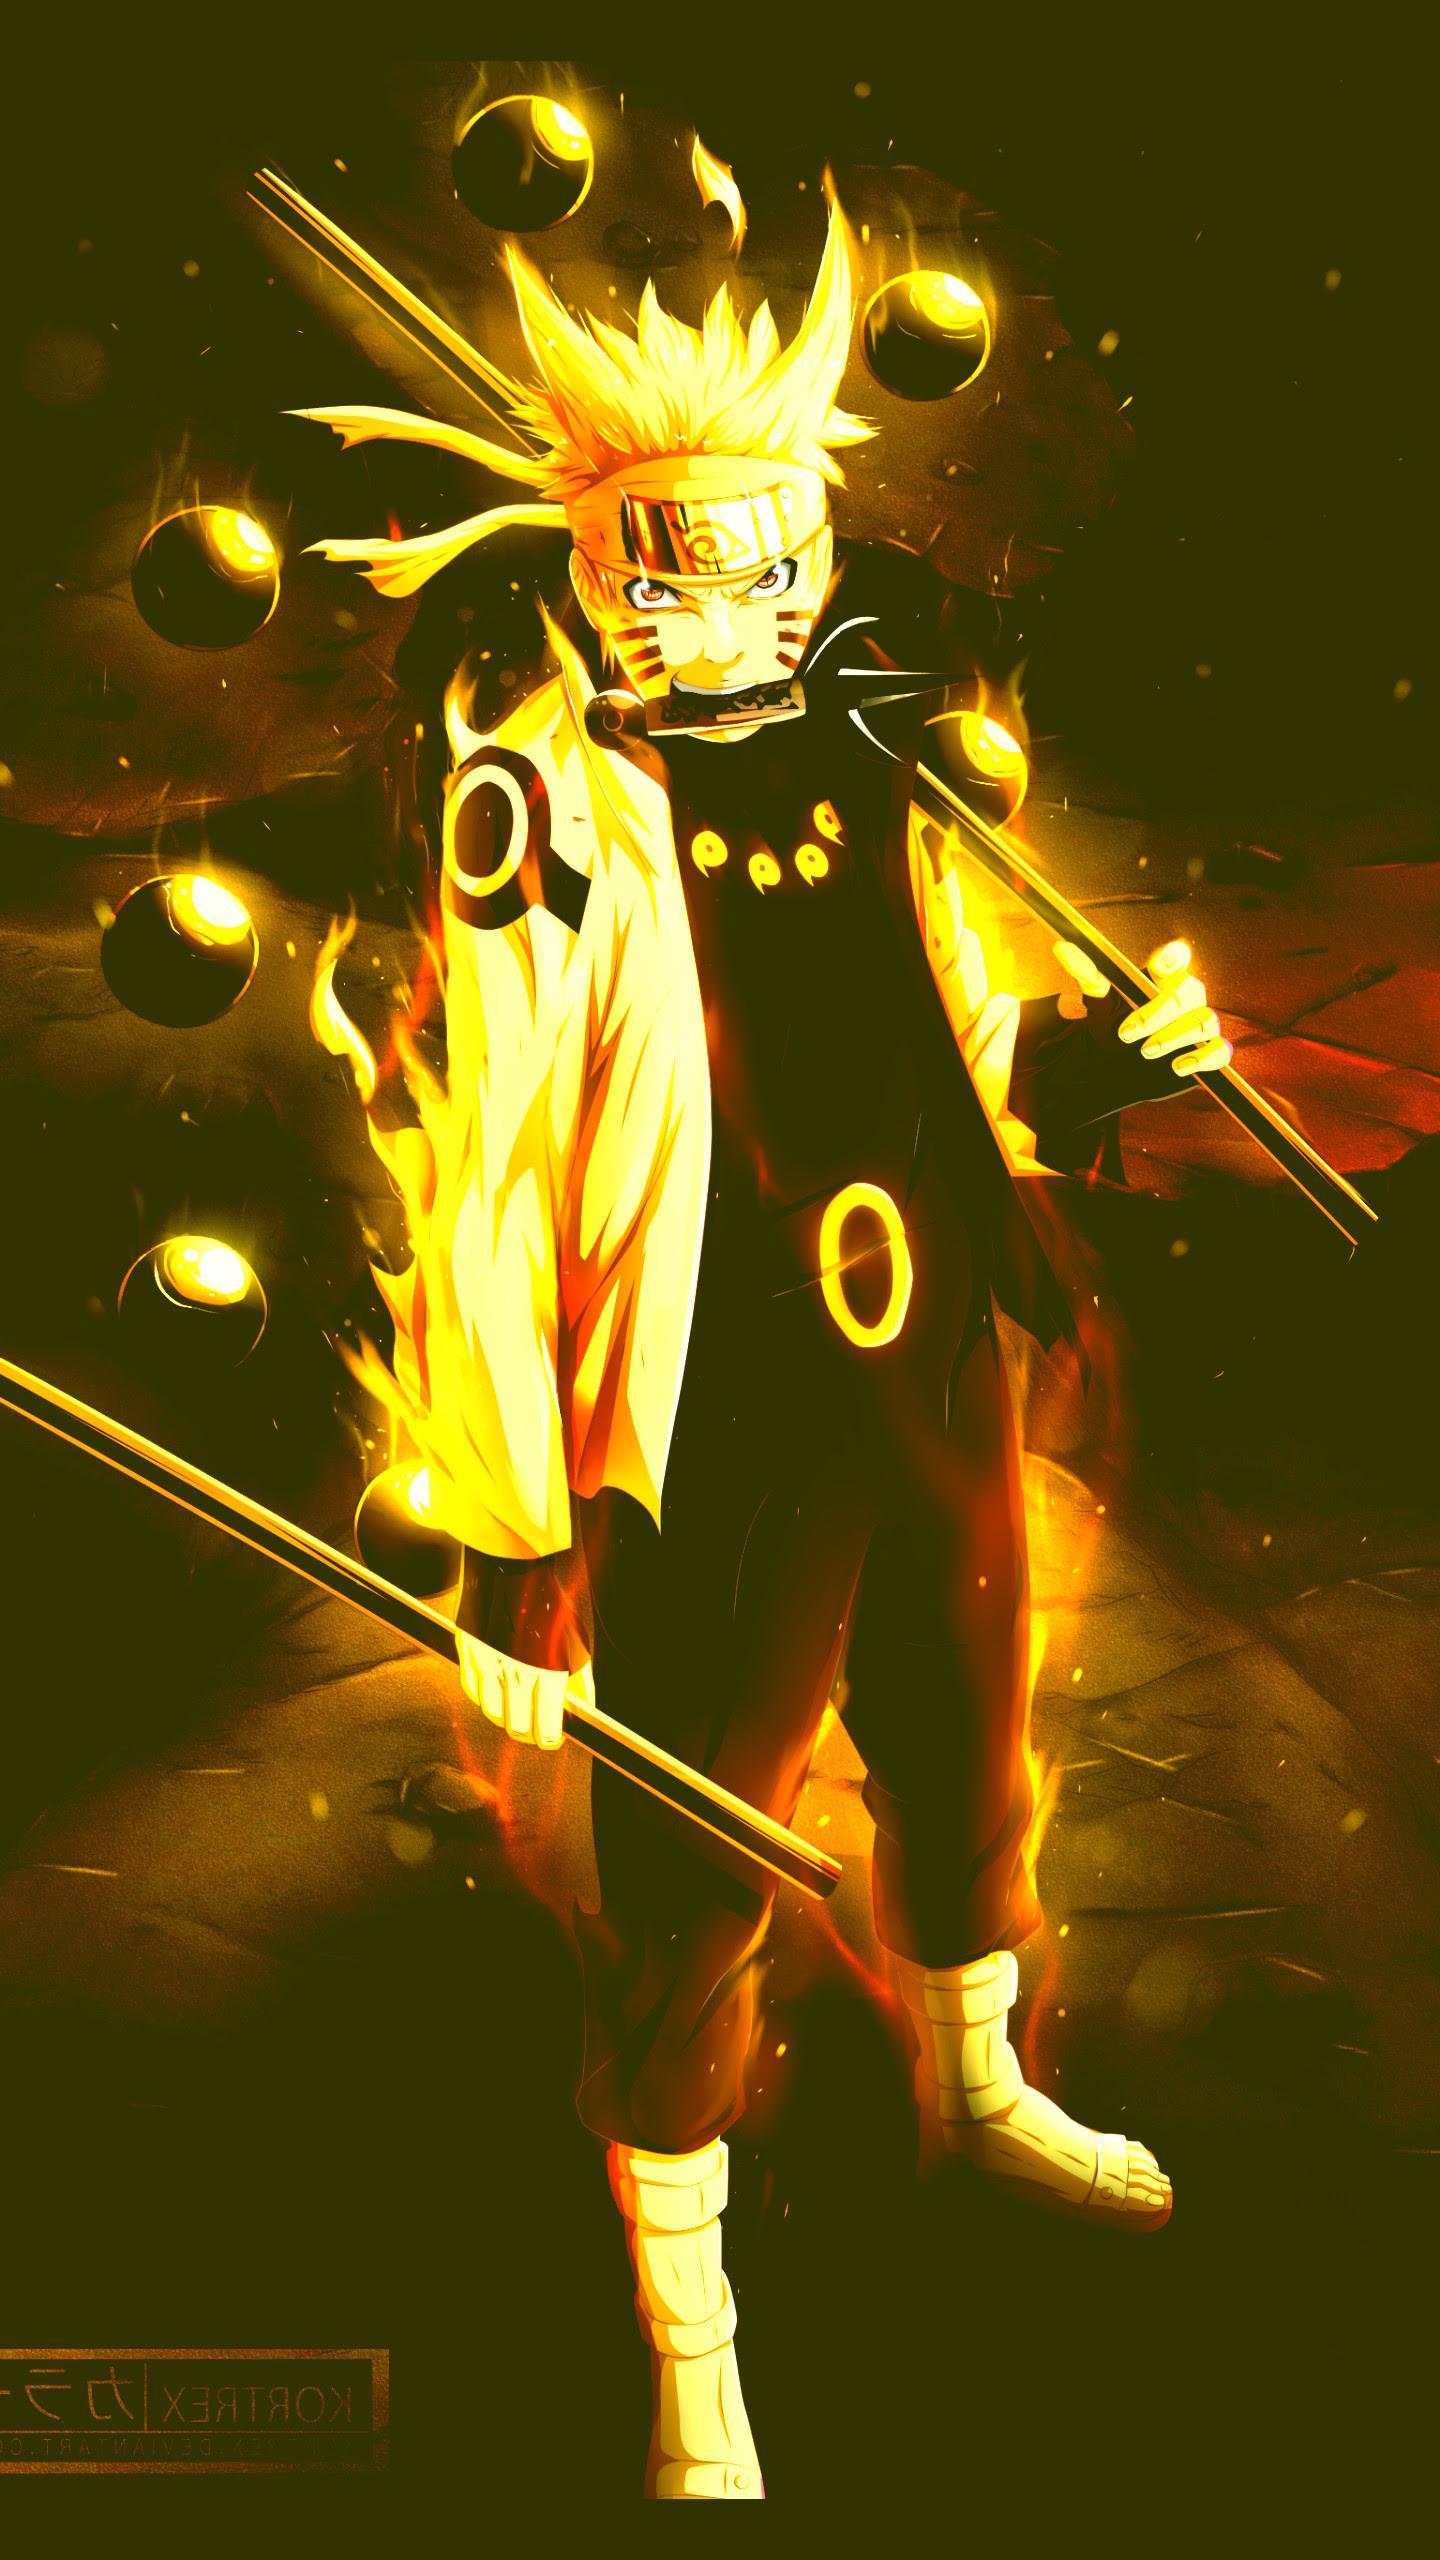 4K Naruto Wallpaper 53  images